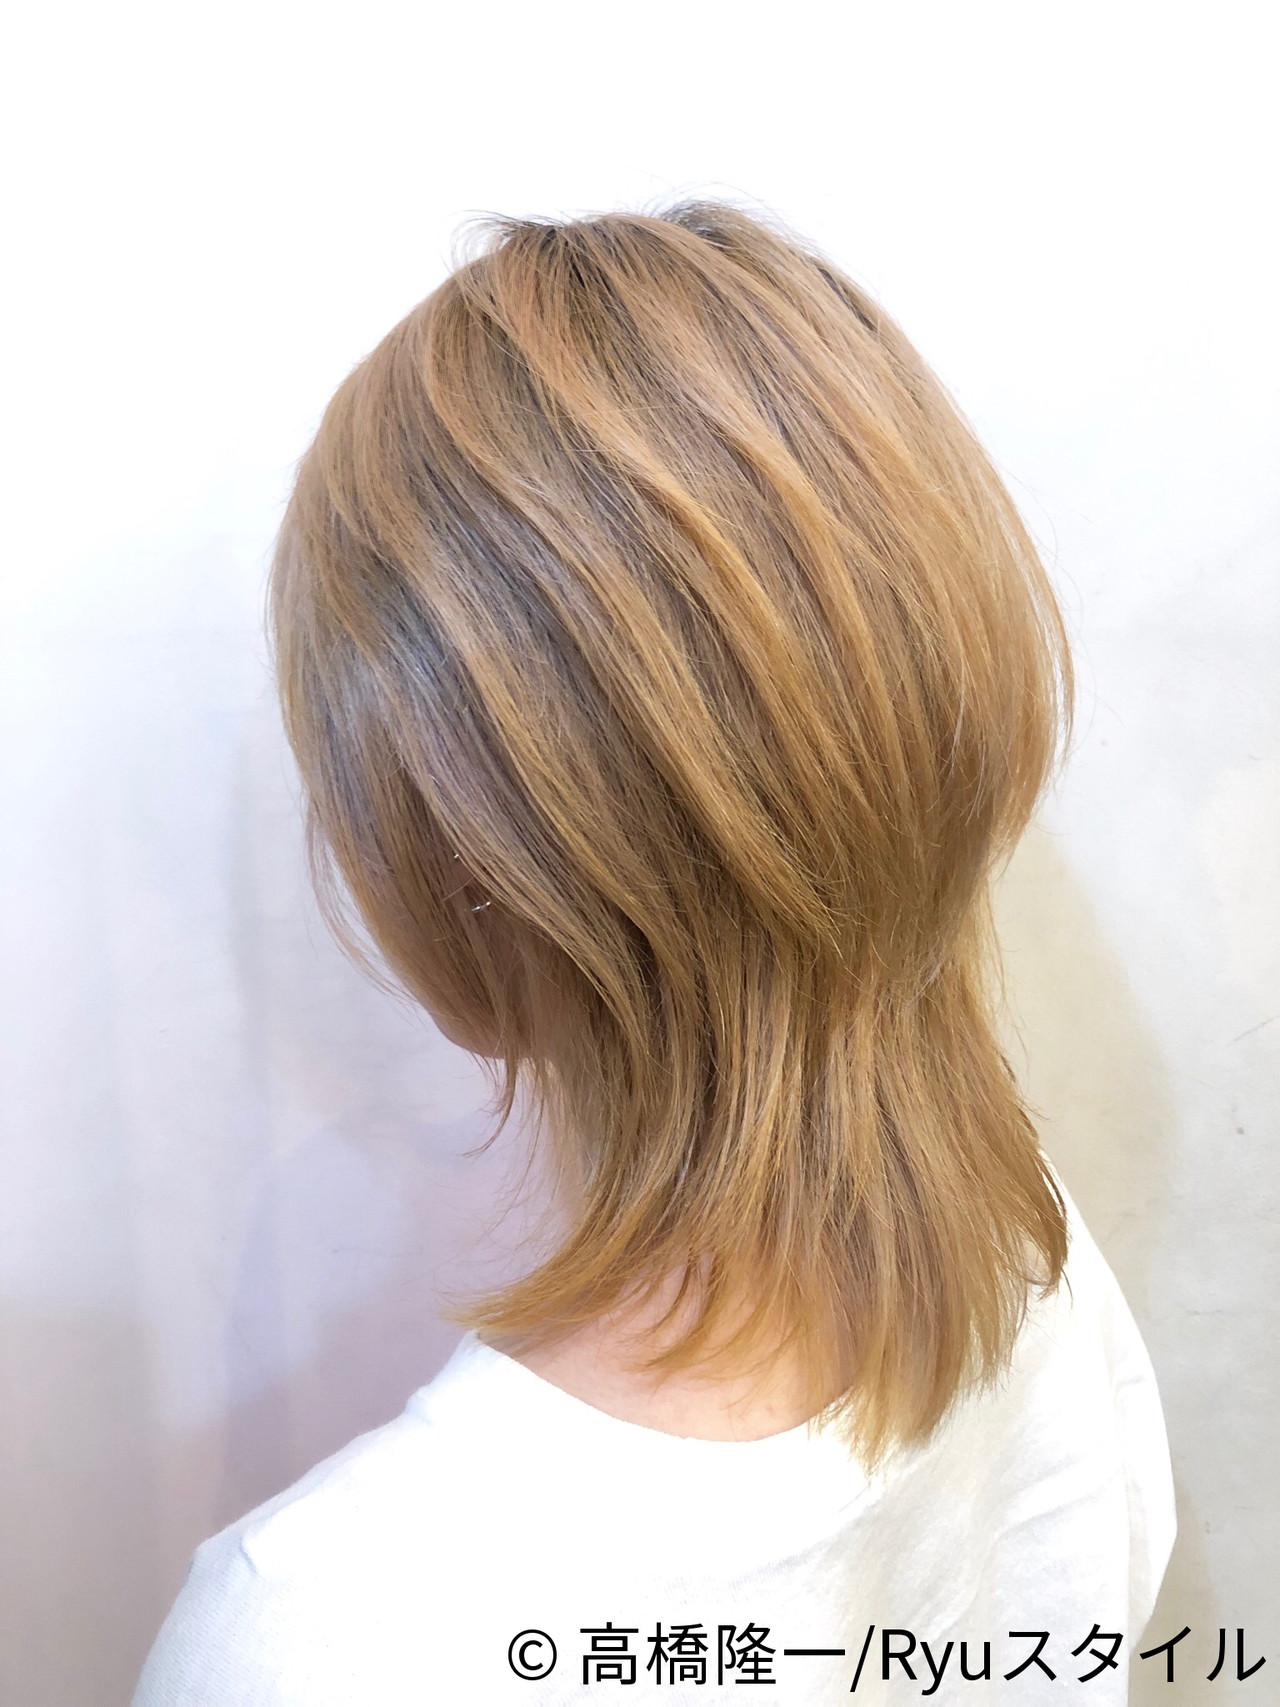 ウルフカット ストリート 透明感カラー 外国人風 ヘアスタイルや髪型の写真・画像